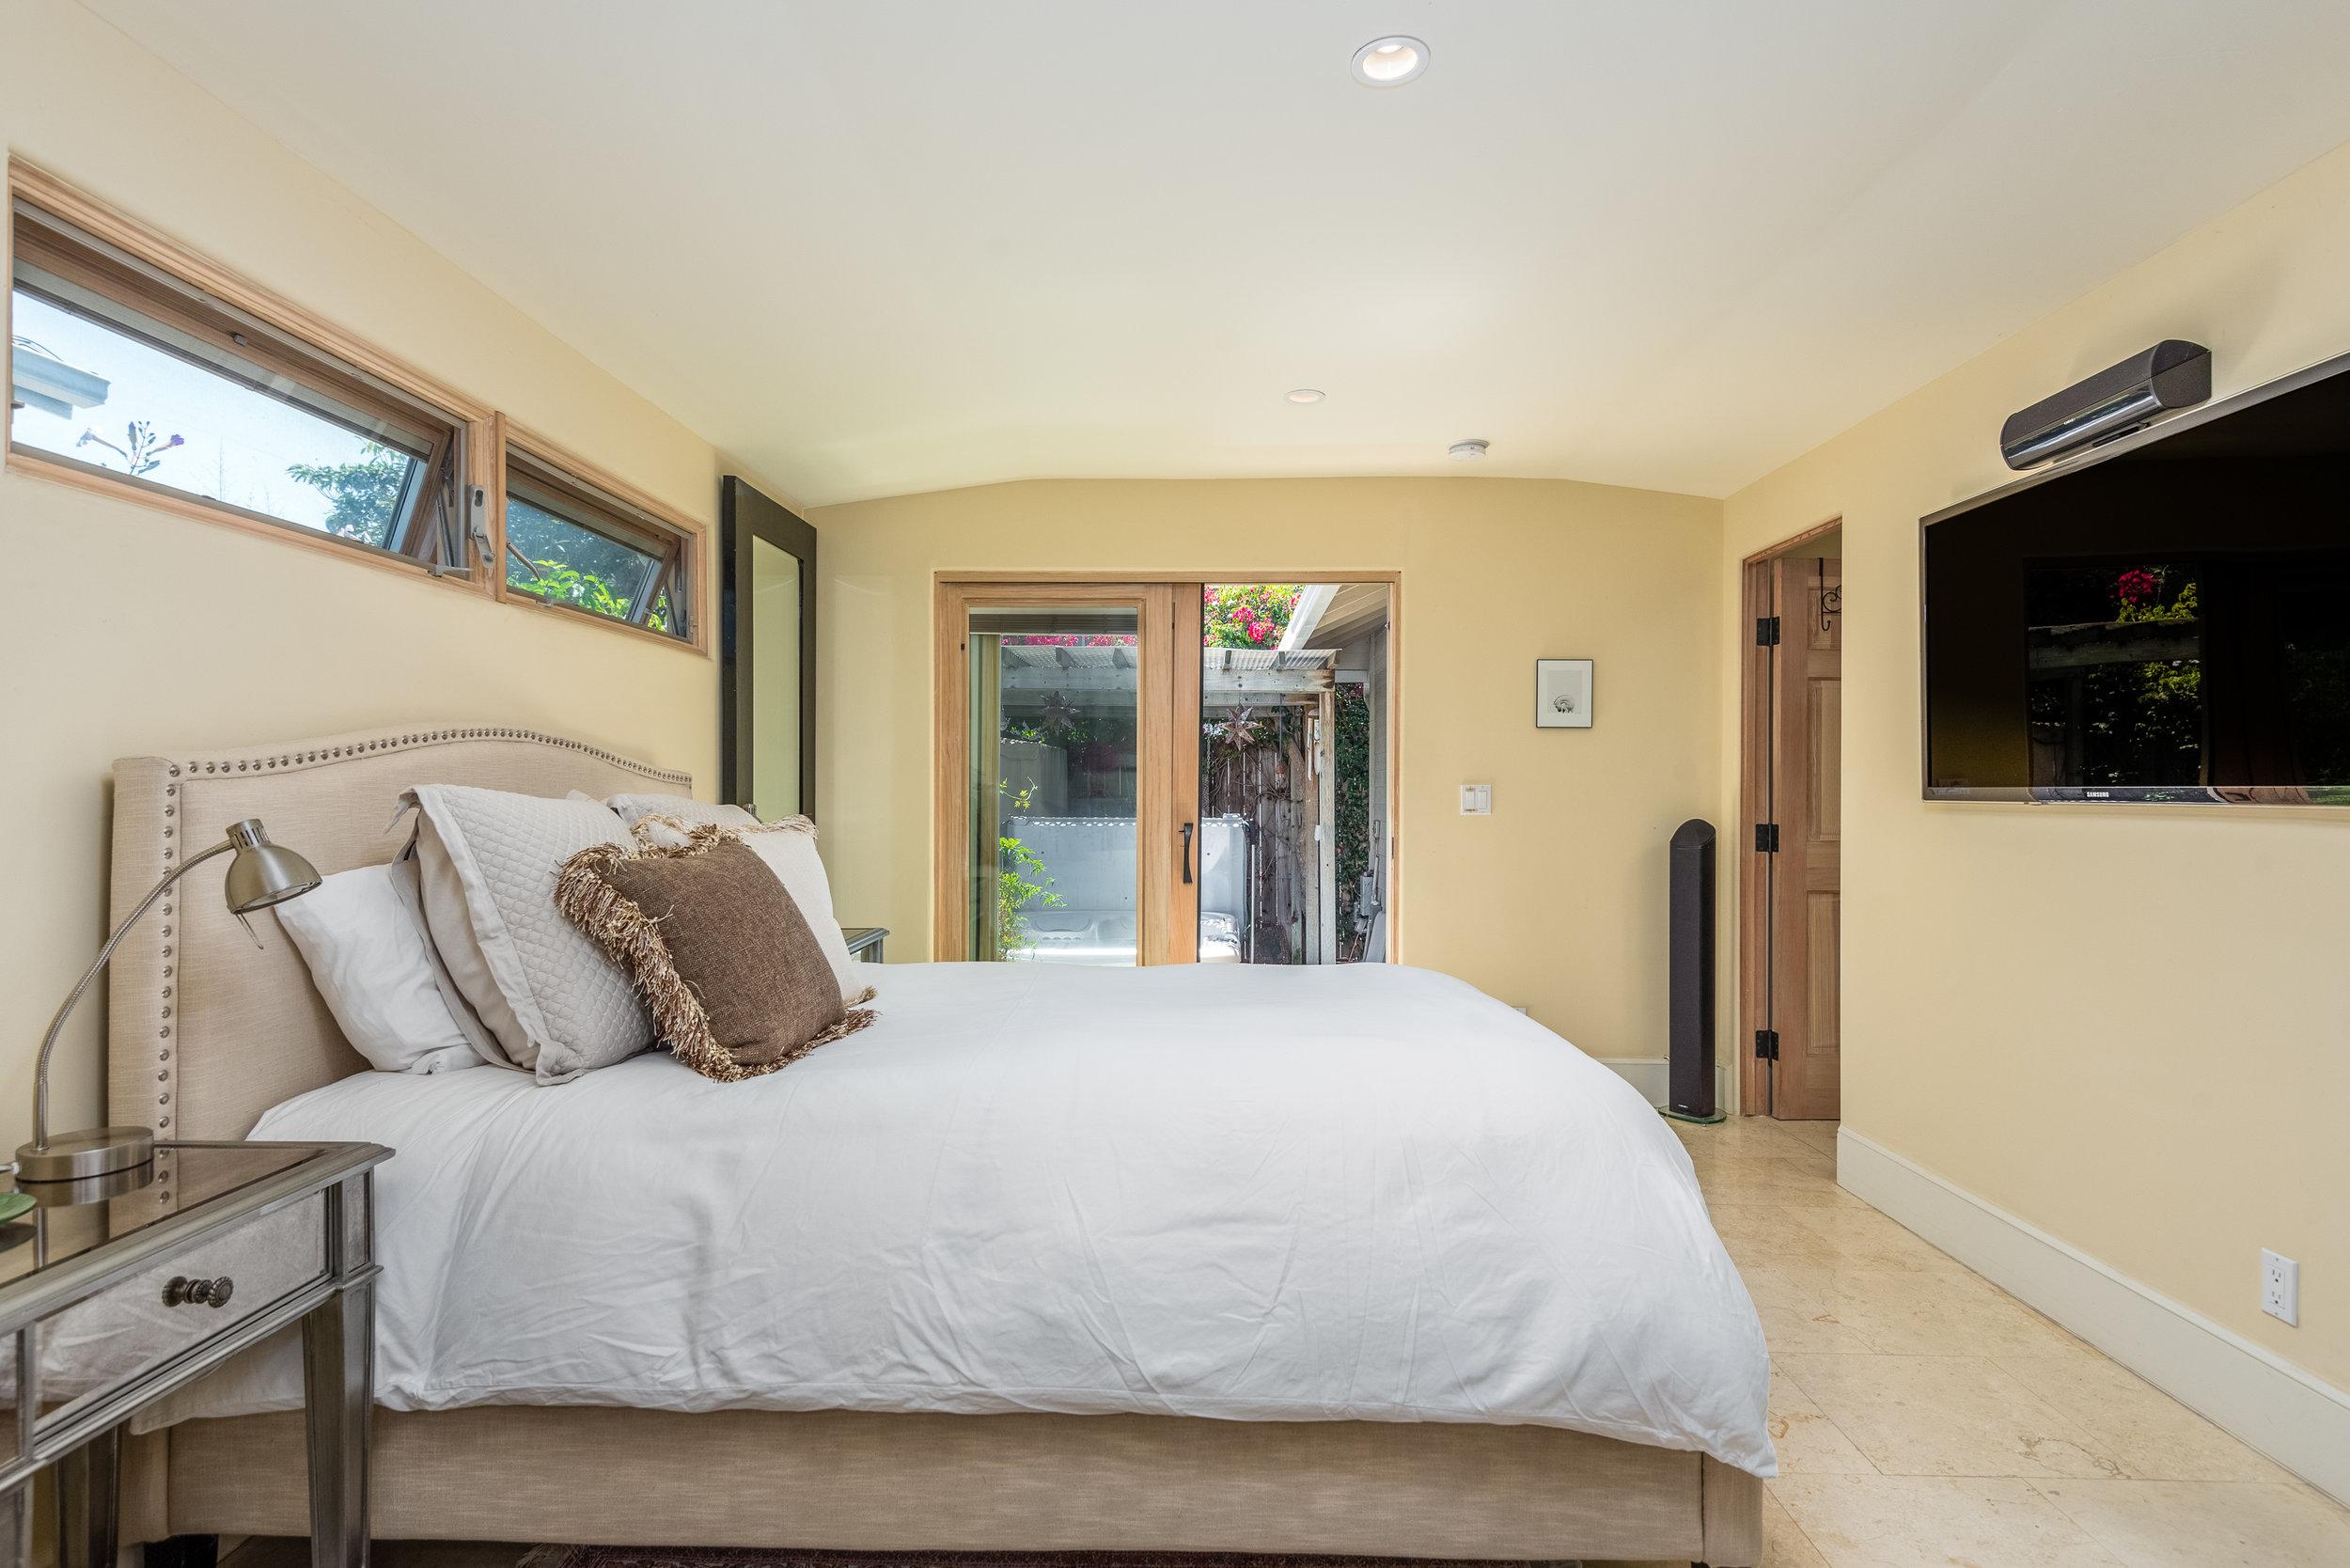 16-Master Bedroom.jpg